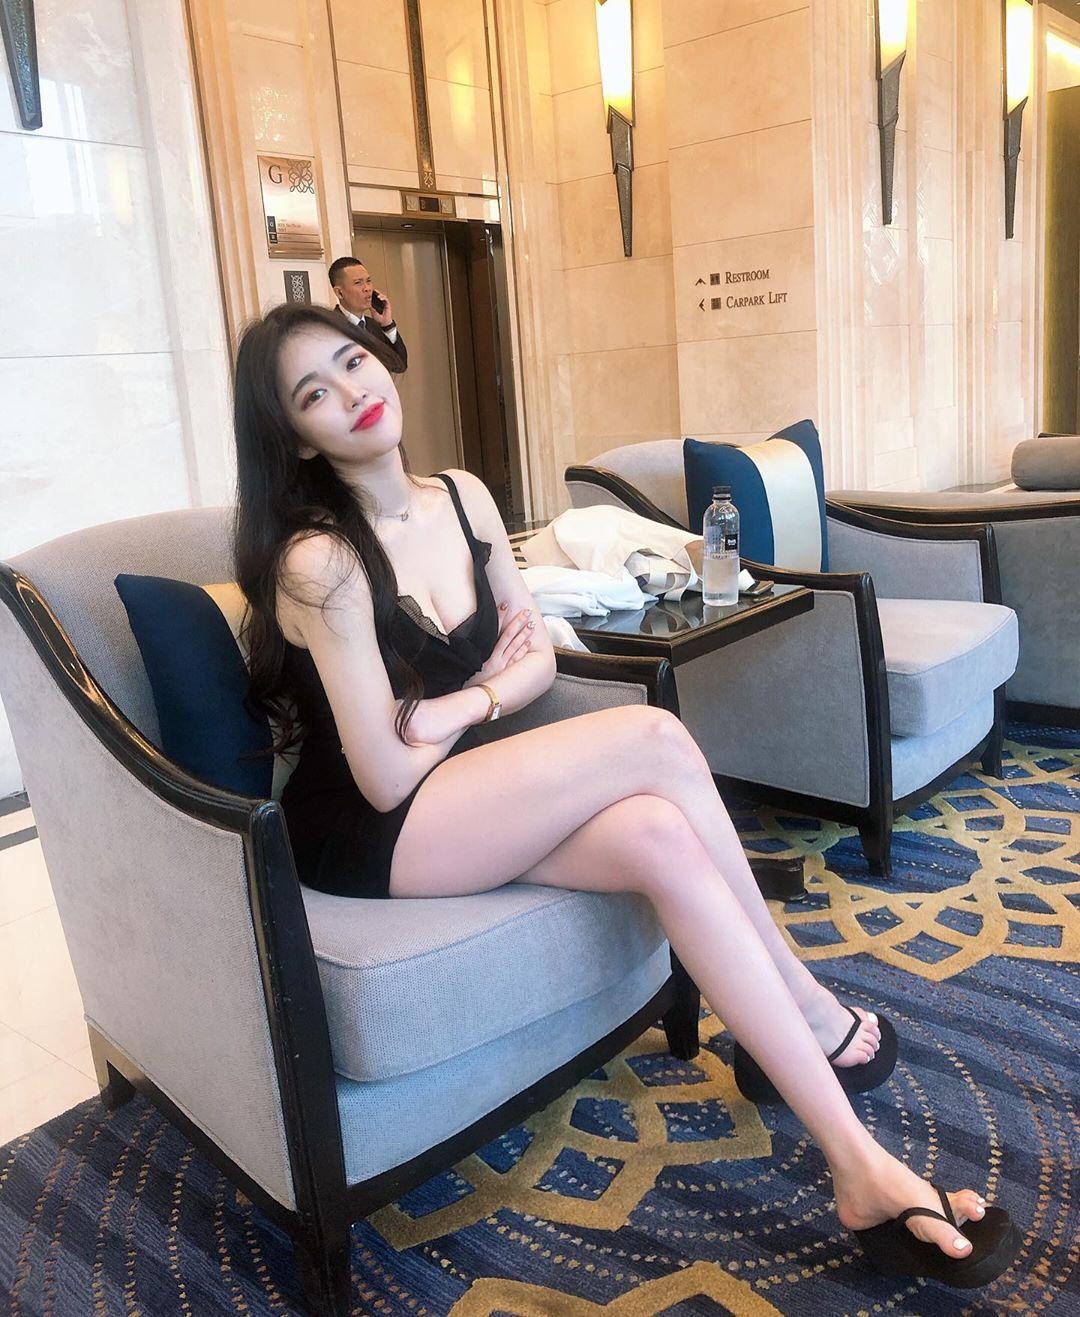 xoyeonee_83534297_2912792328779972_8541613859009123756_n.jpg